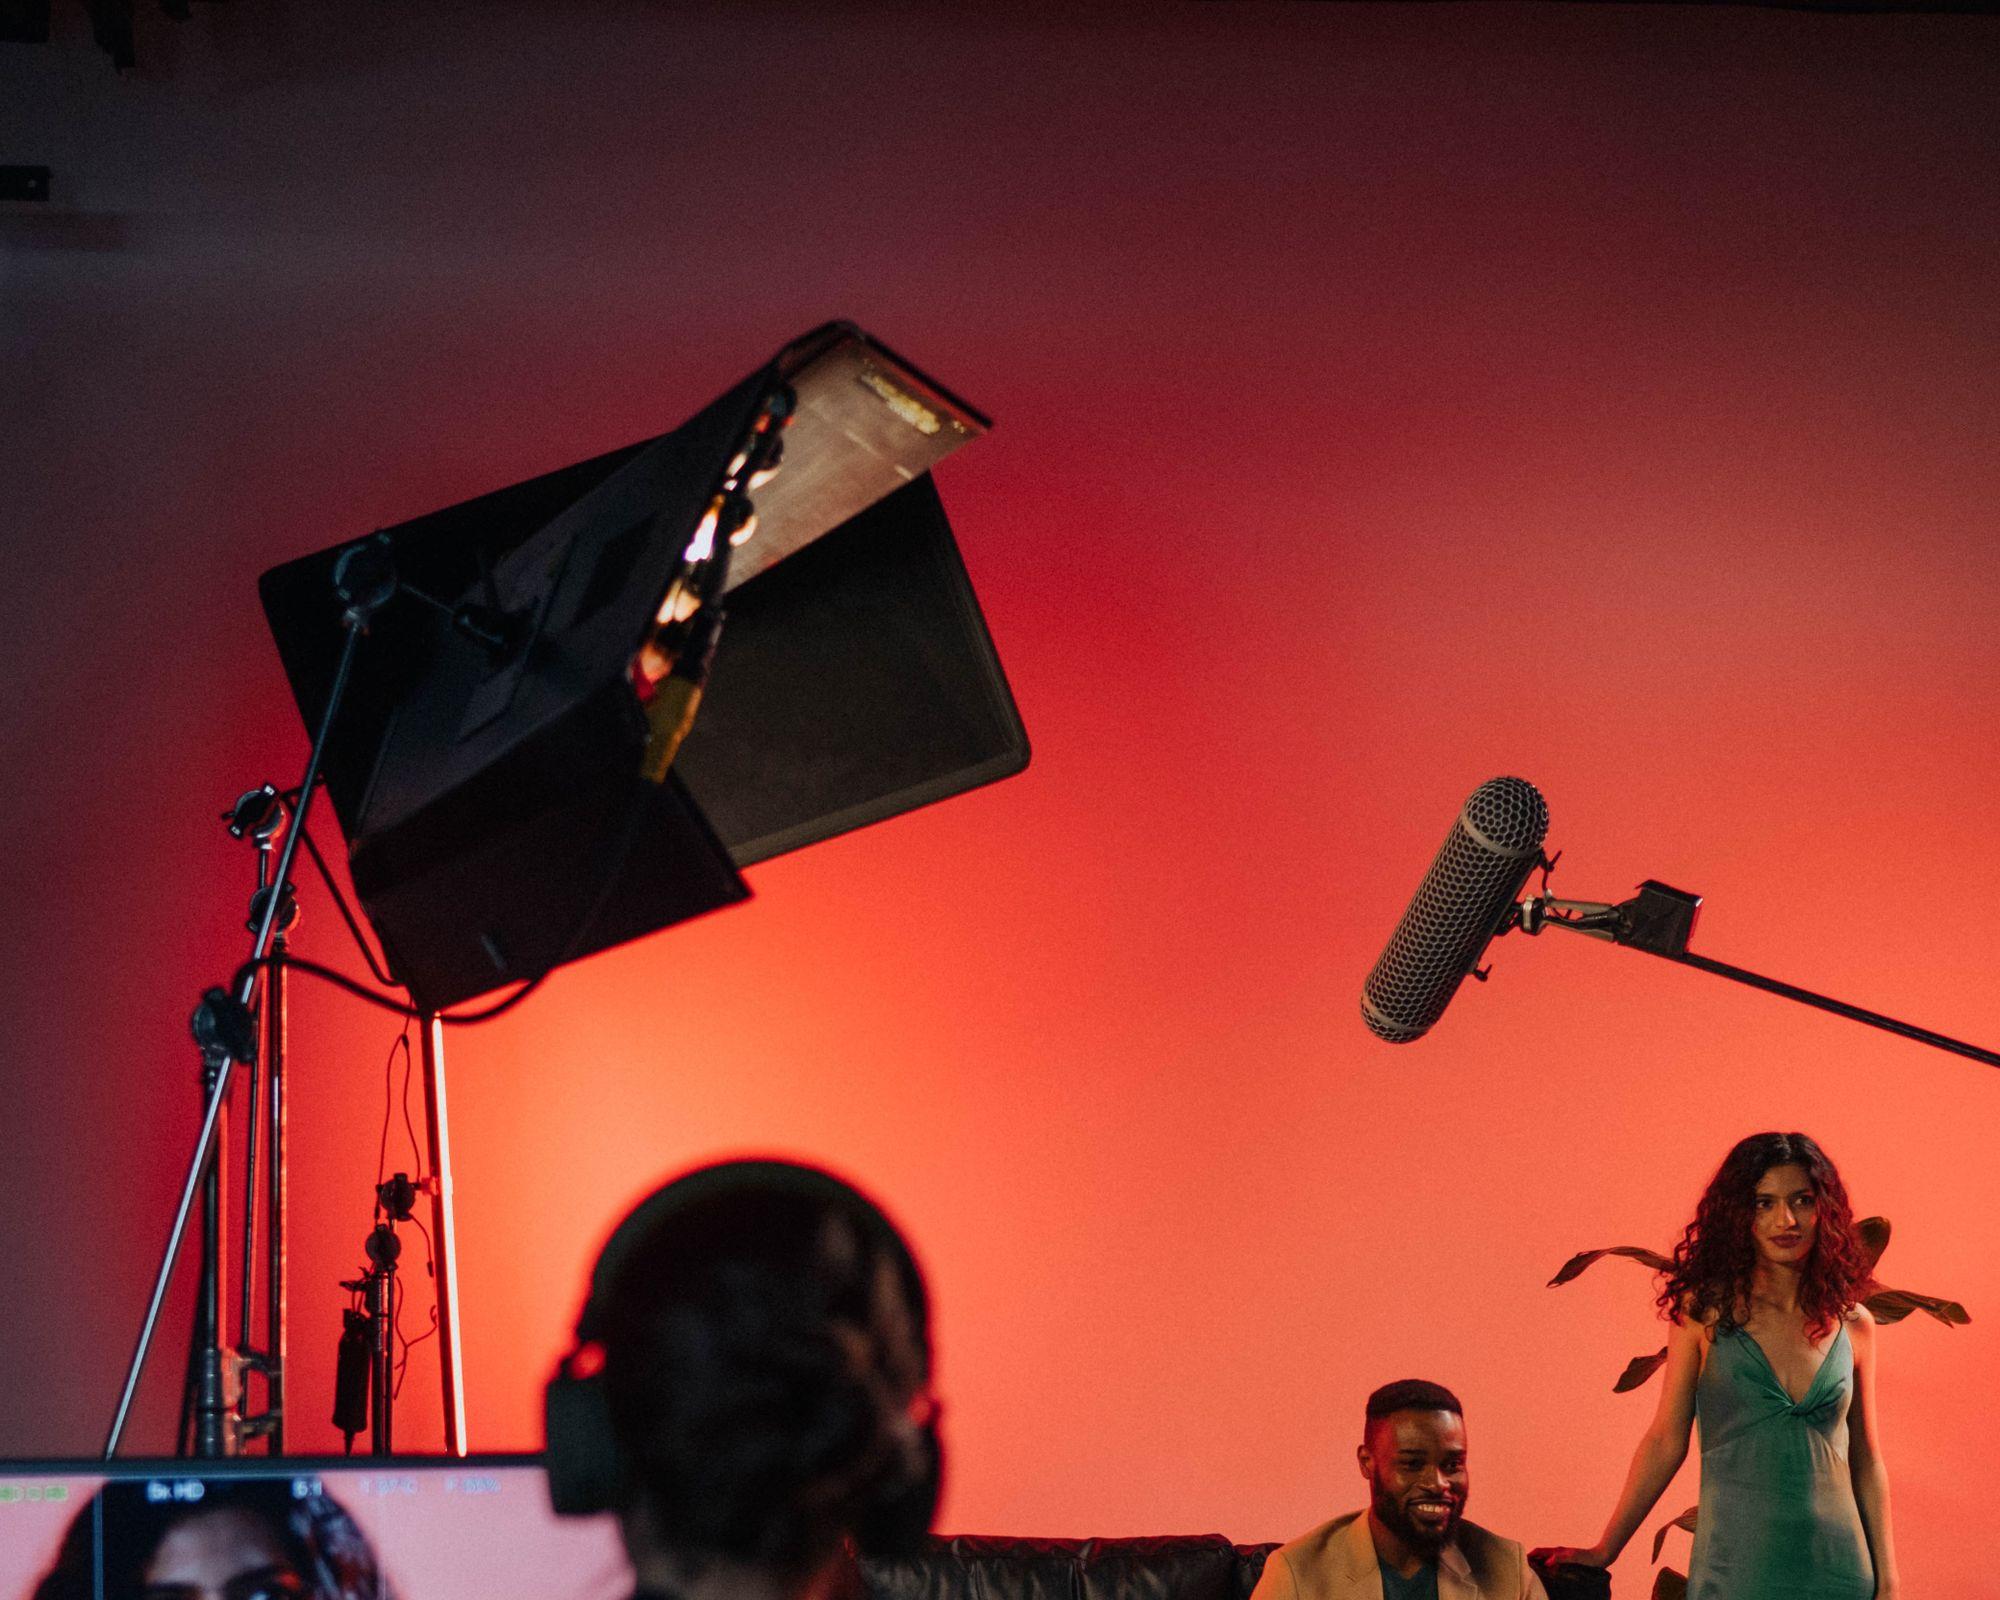 fill-light-on-film-set